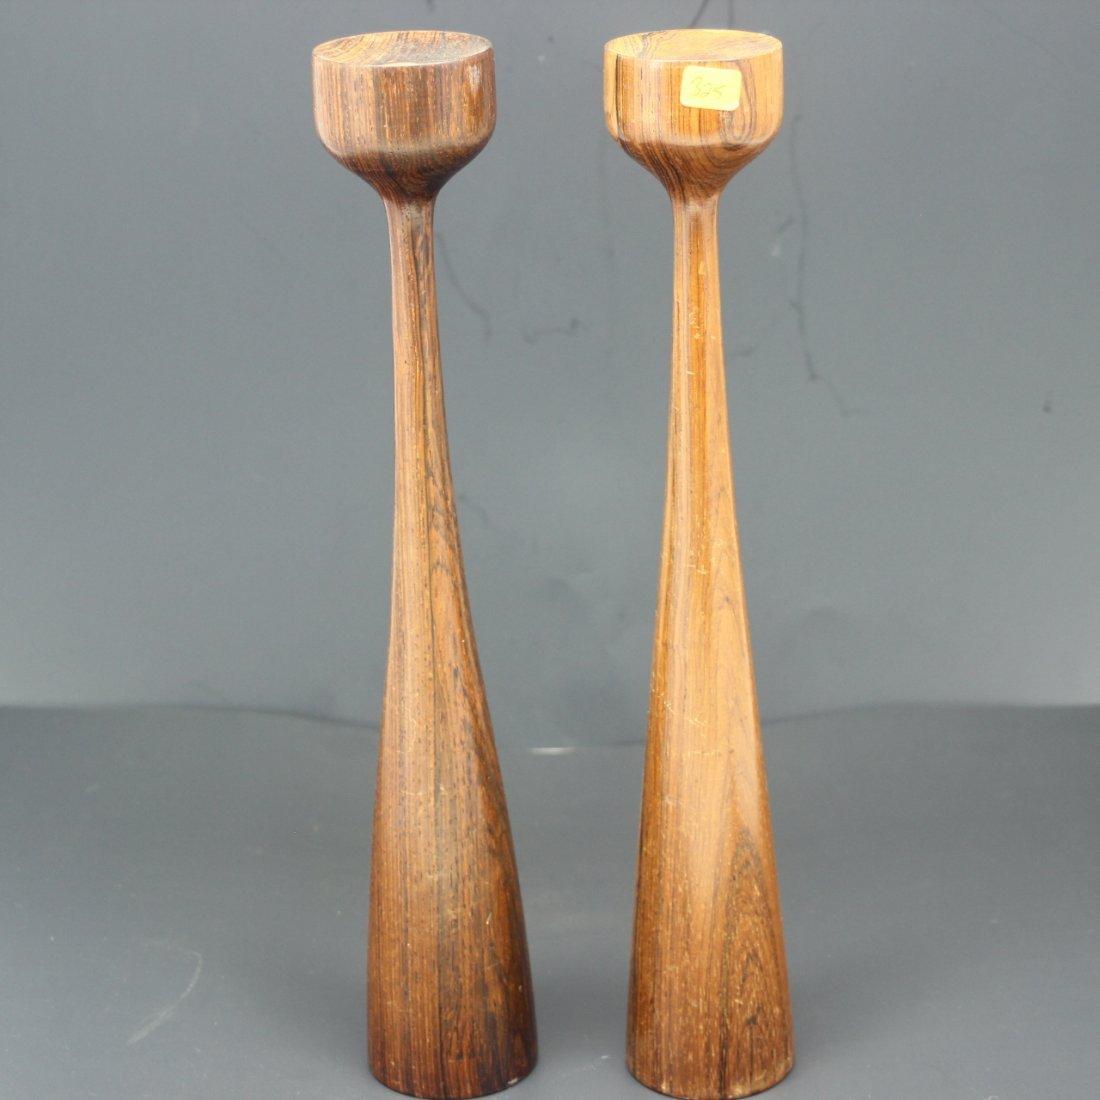 Pr Tall Mid Century Modern Teak Wood Candle Holders